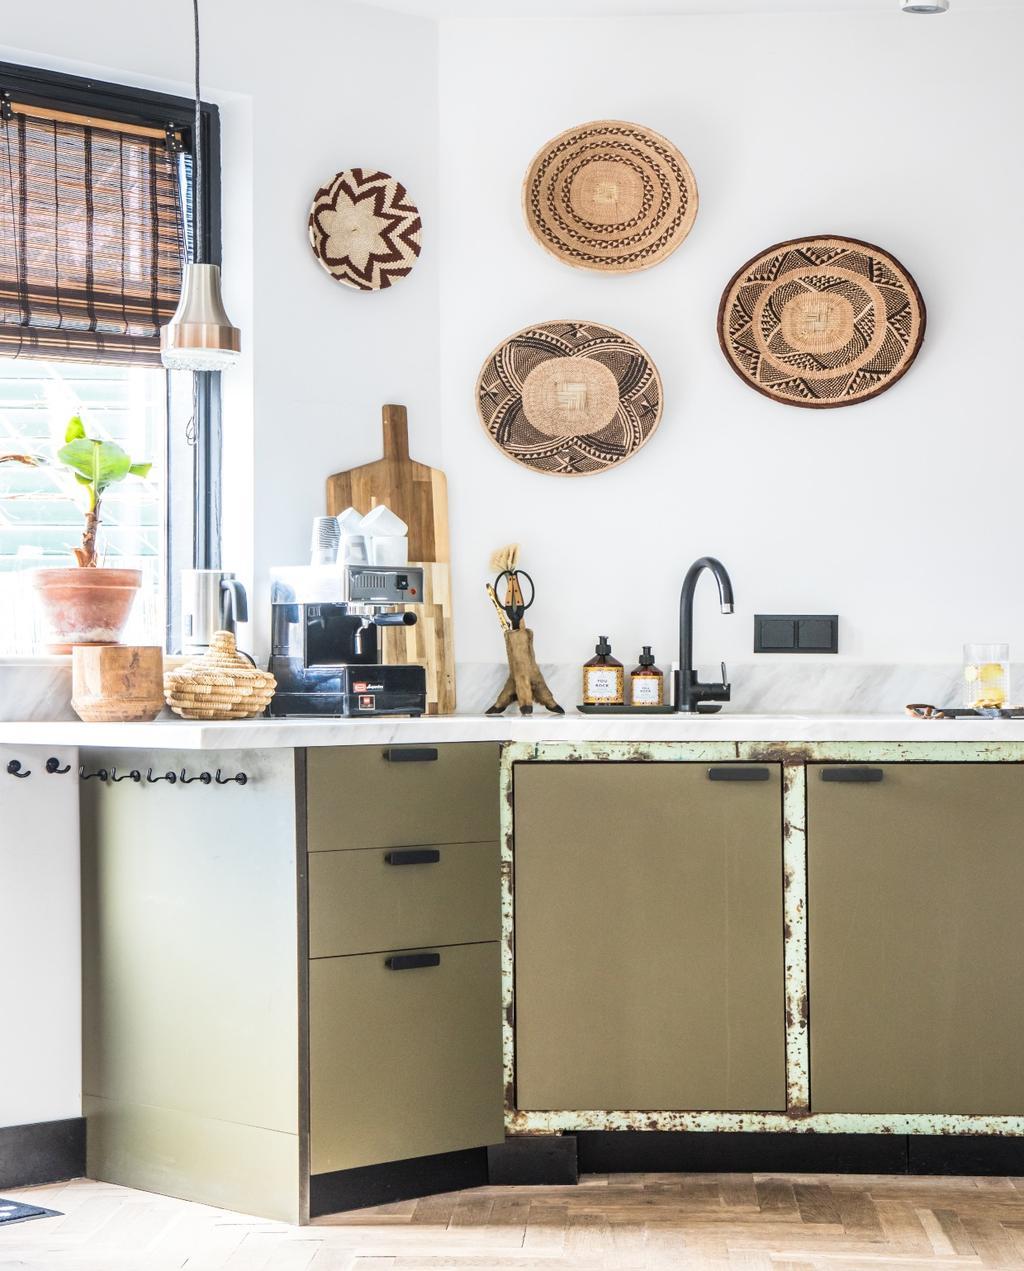 vtwonen 07-2020 | binnenkijken Zaandam olijfgroene keuken met stalen werkblad